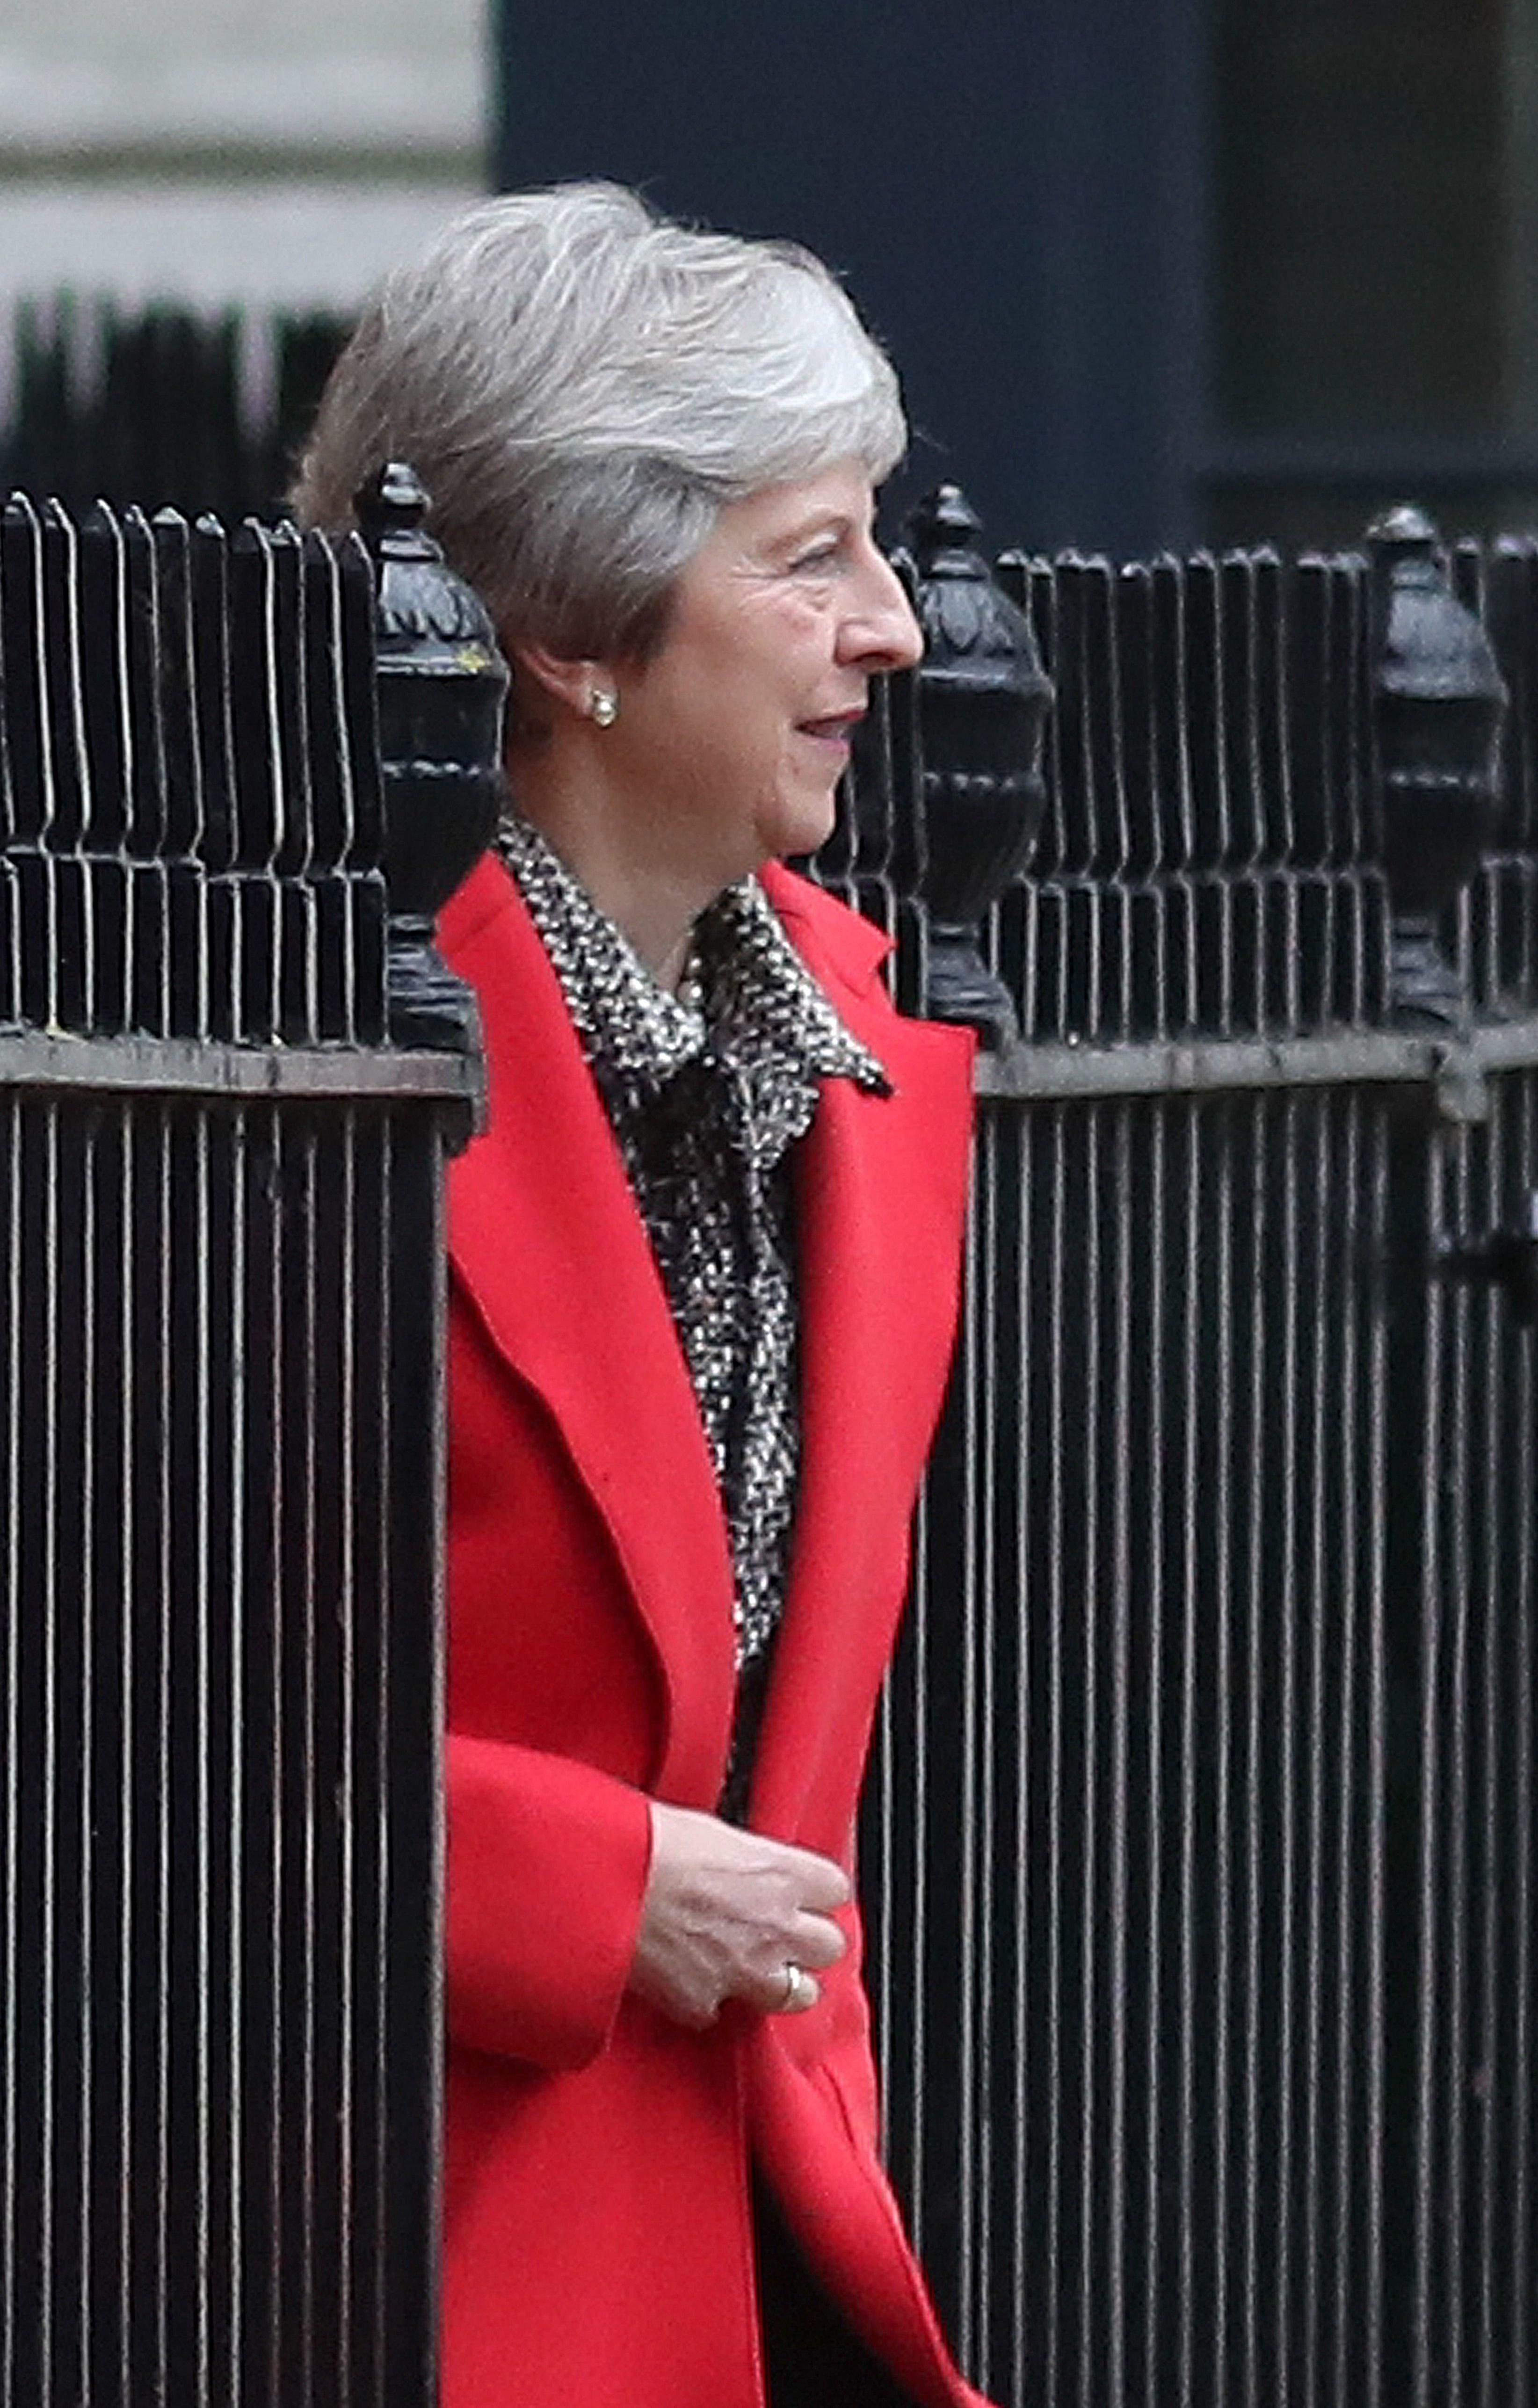 Verantwortliche für und Opfer des Brexit-Chaos zugleich: Großbritanniens Premierministerin Theresa May.